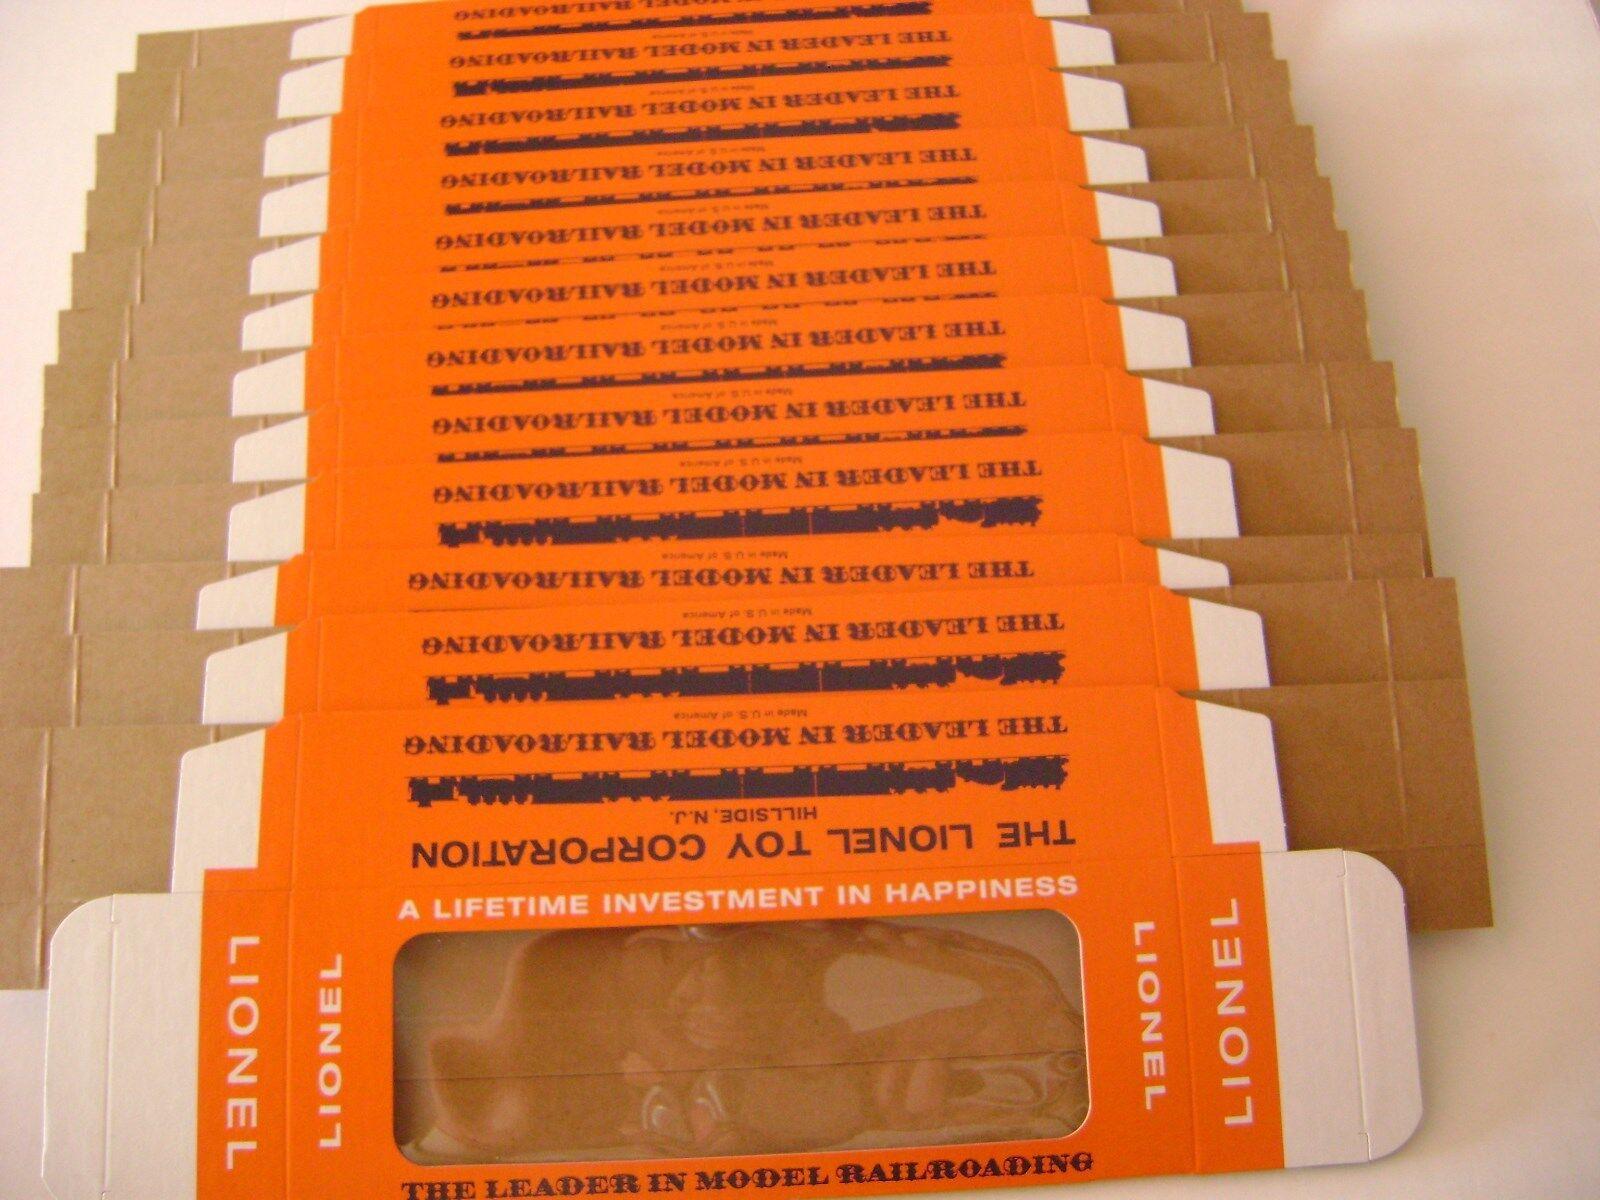 Lionel 6014. con licencia reproducción coche ventana Cajas (una docena de cajas)